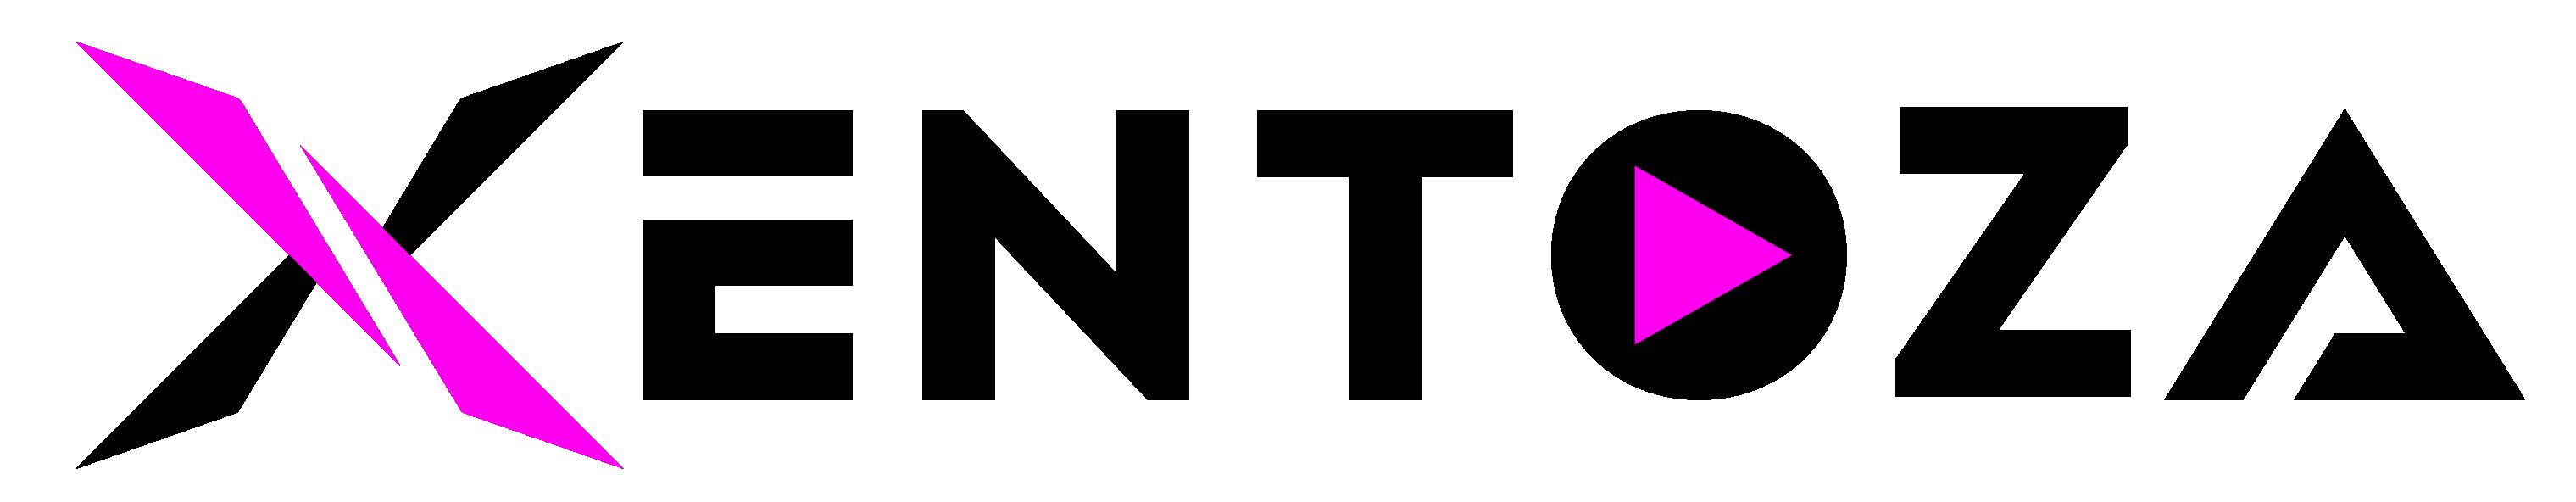 Xentoza